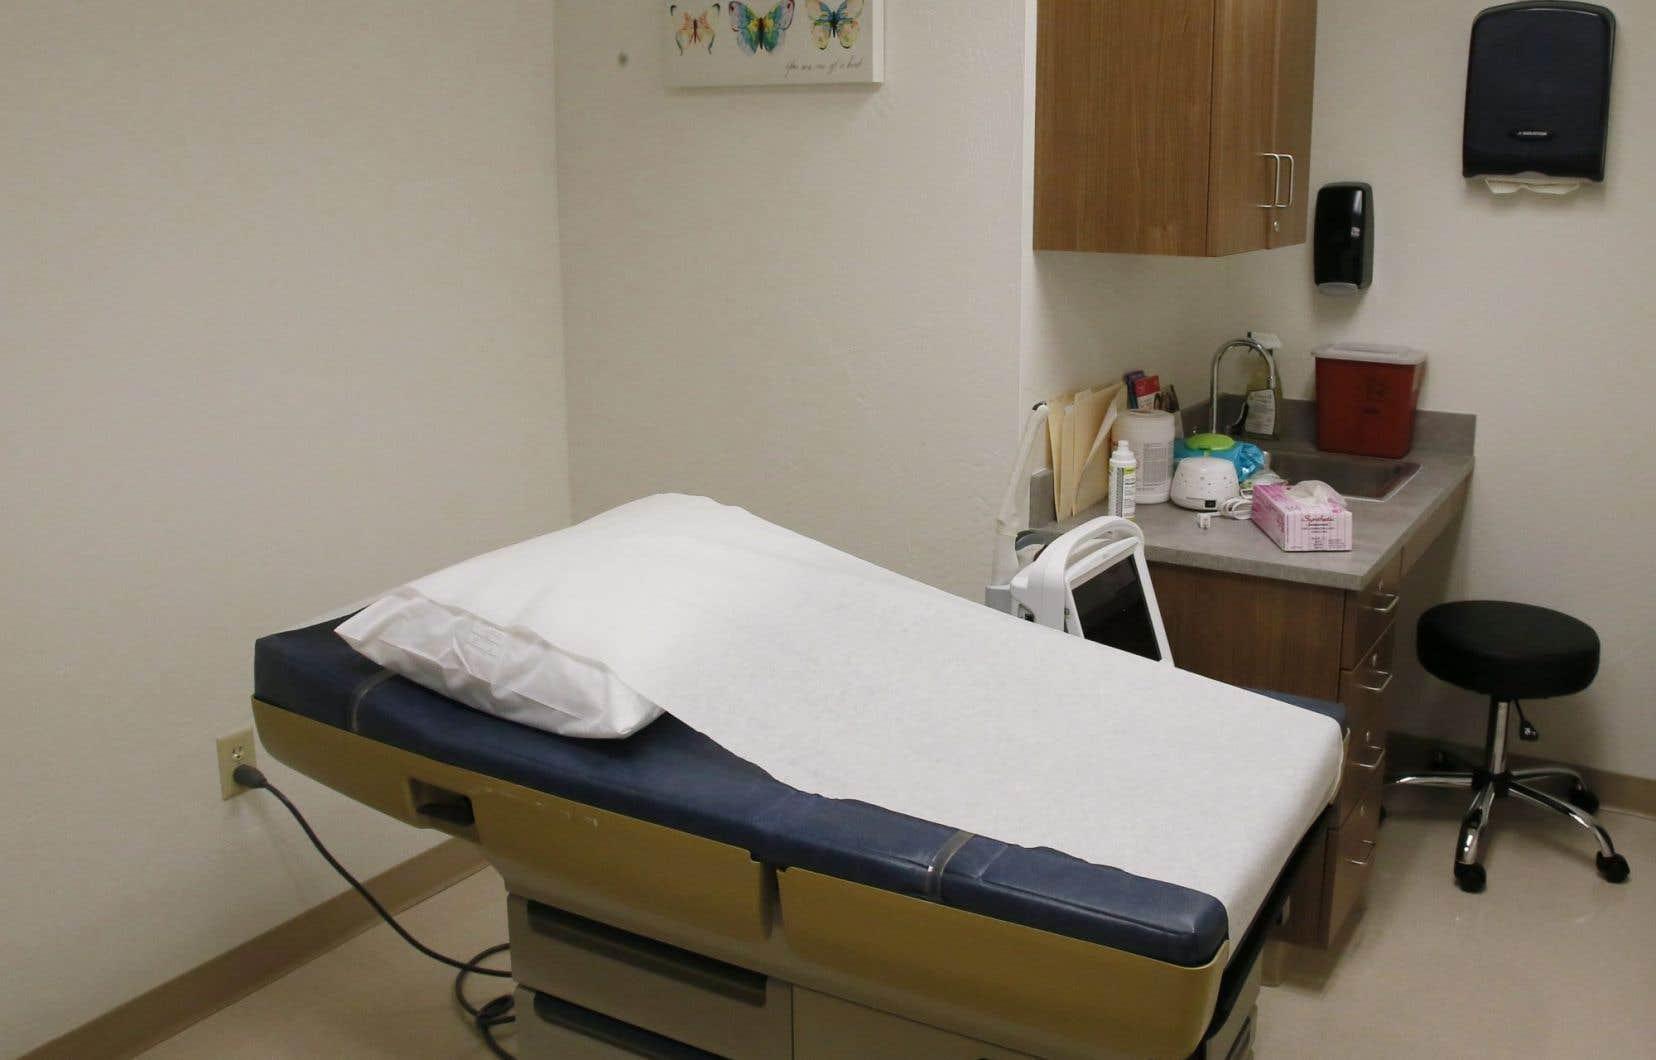 Le gouvernement de l'Île-du-Prince-Édouard avait annoncé en mars dernier que les femmes auraient finalement accès à des services d'avortement dans leur province.